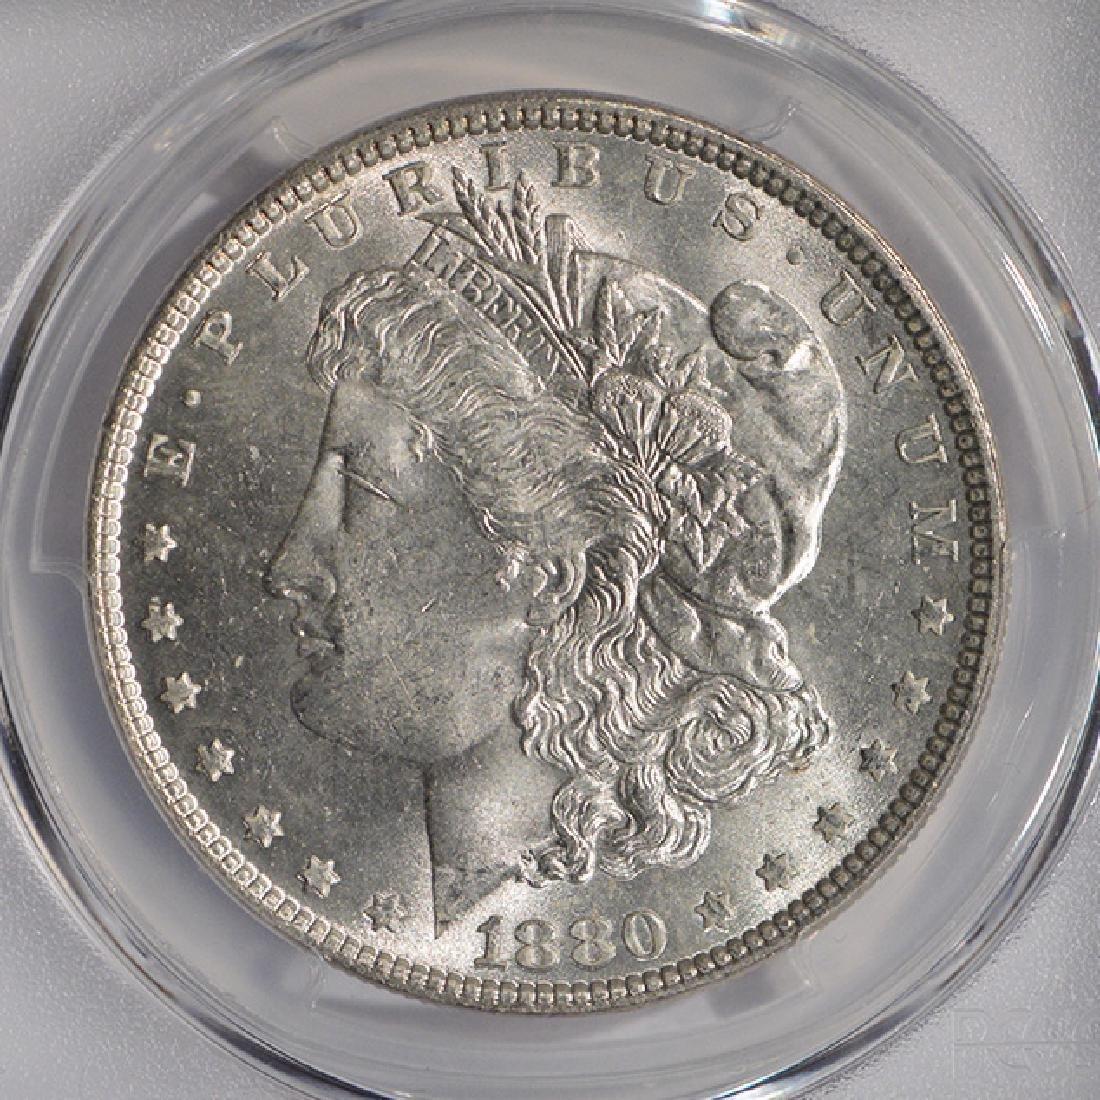 1880 $1 Morgan Silver Dollar Coin PCGS MS64 - 3